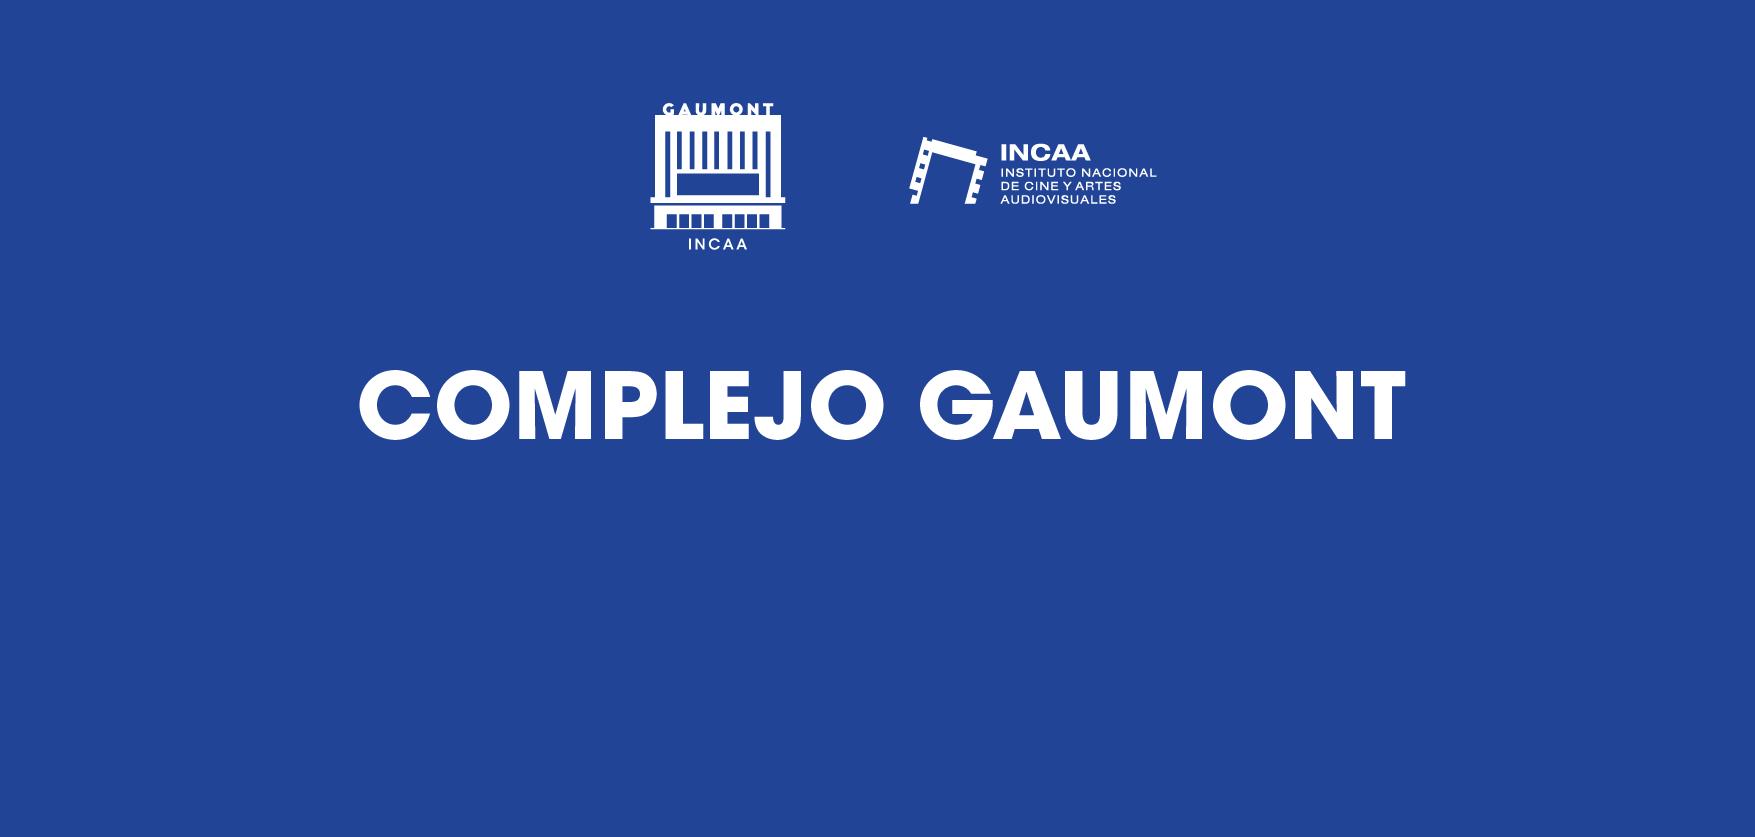 Actividades en el Complejo Gaumont